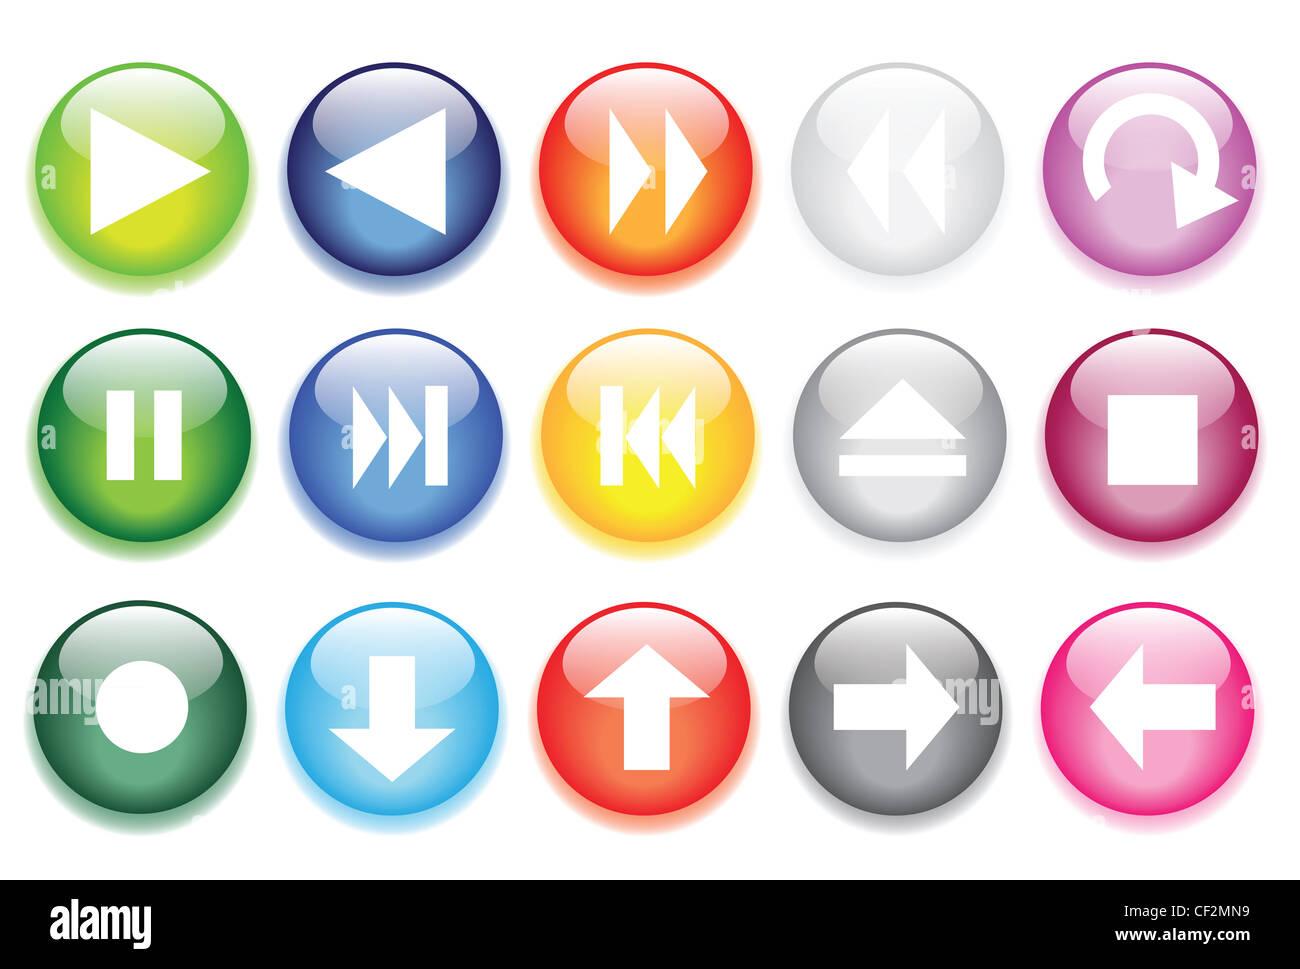 Illustrations vectorielles de boutons en verre brillant pour les icônes. Photo Stock